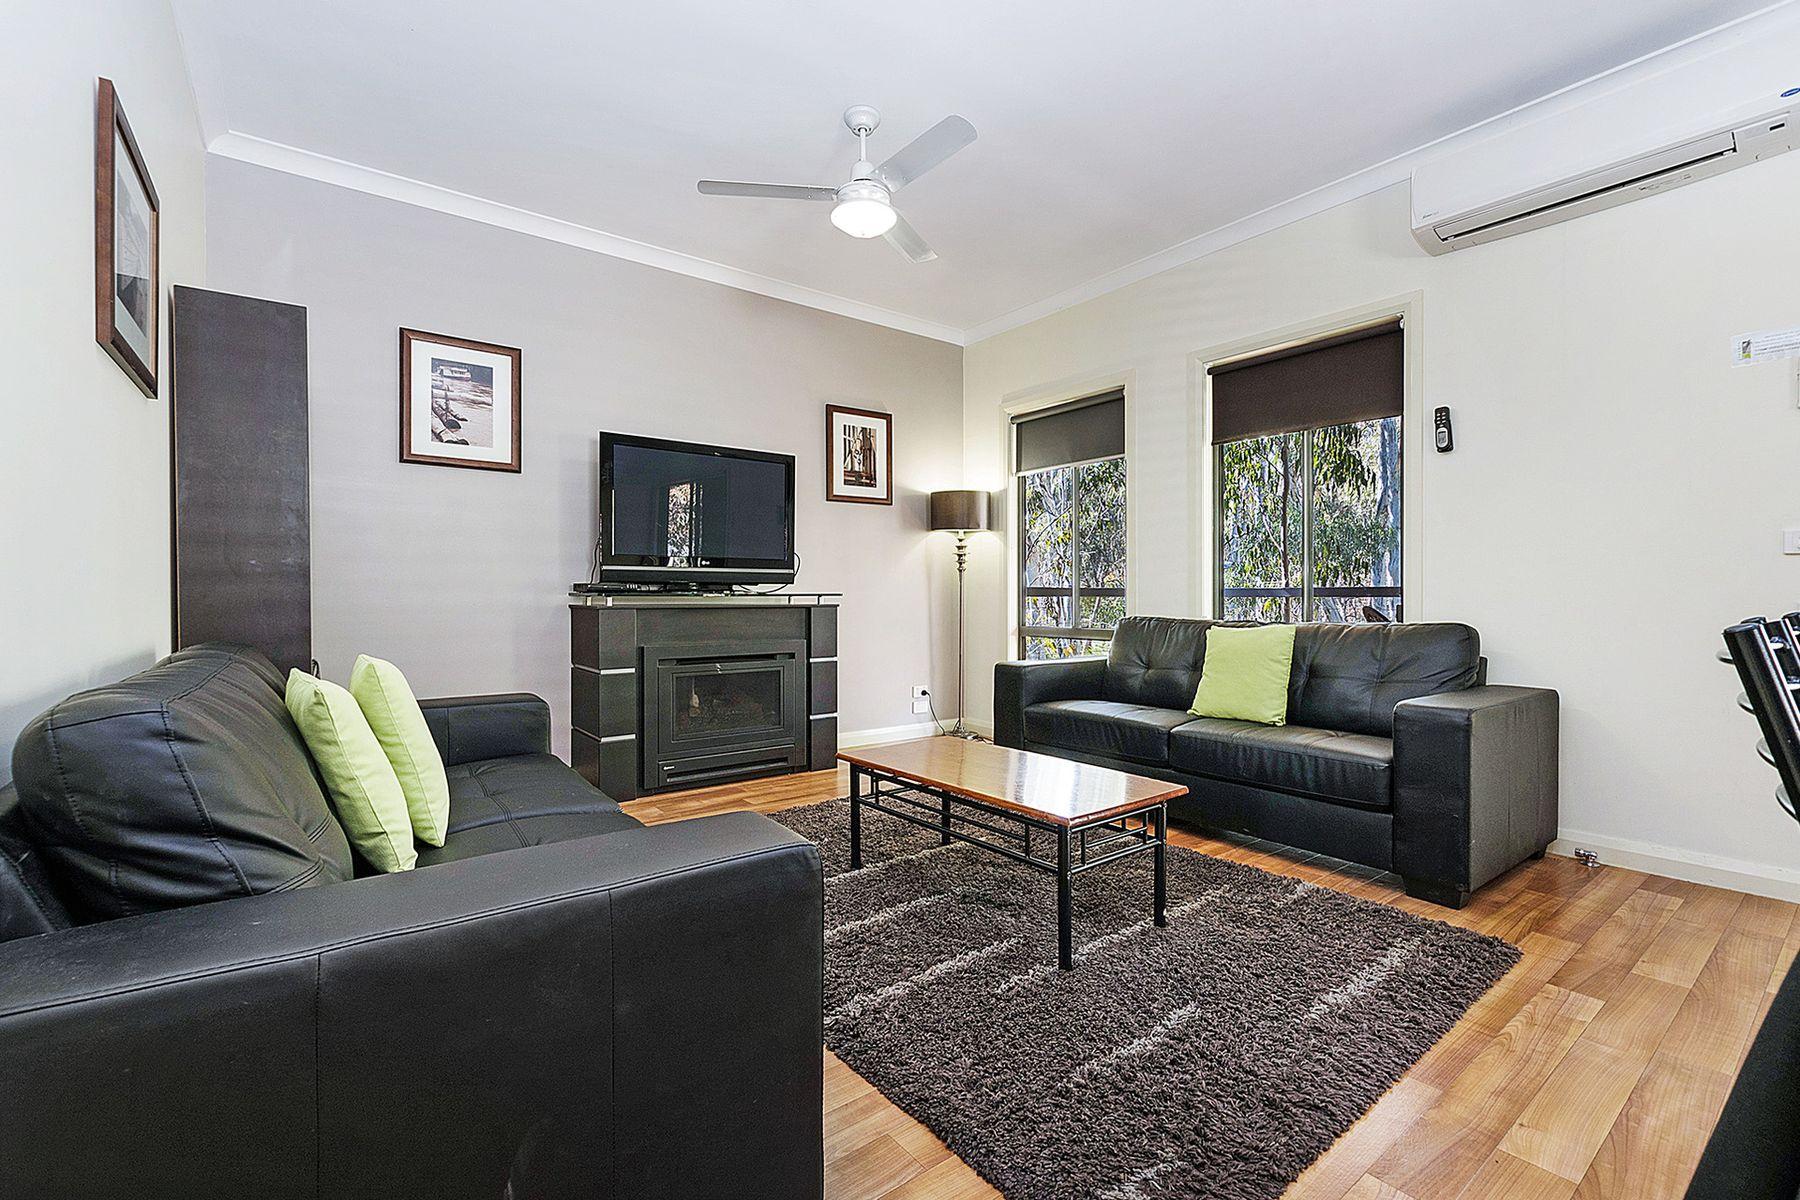 94/69 Dungala Way, Moama, NSW 2731